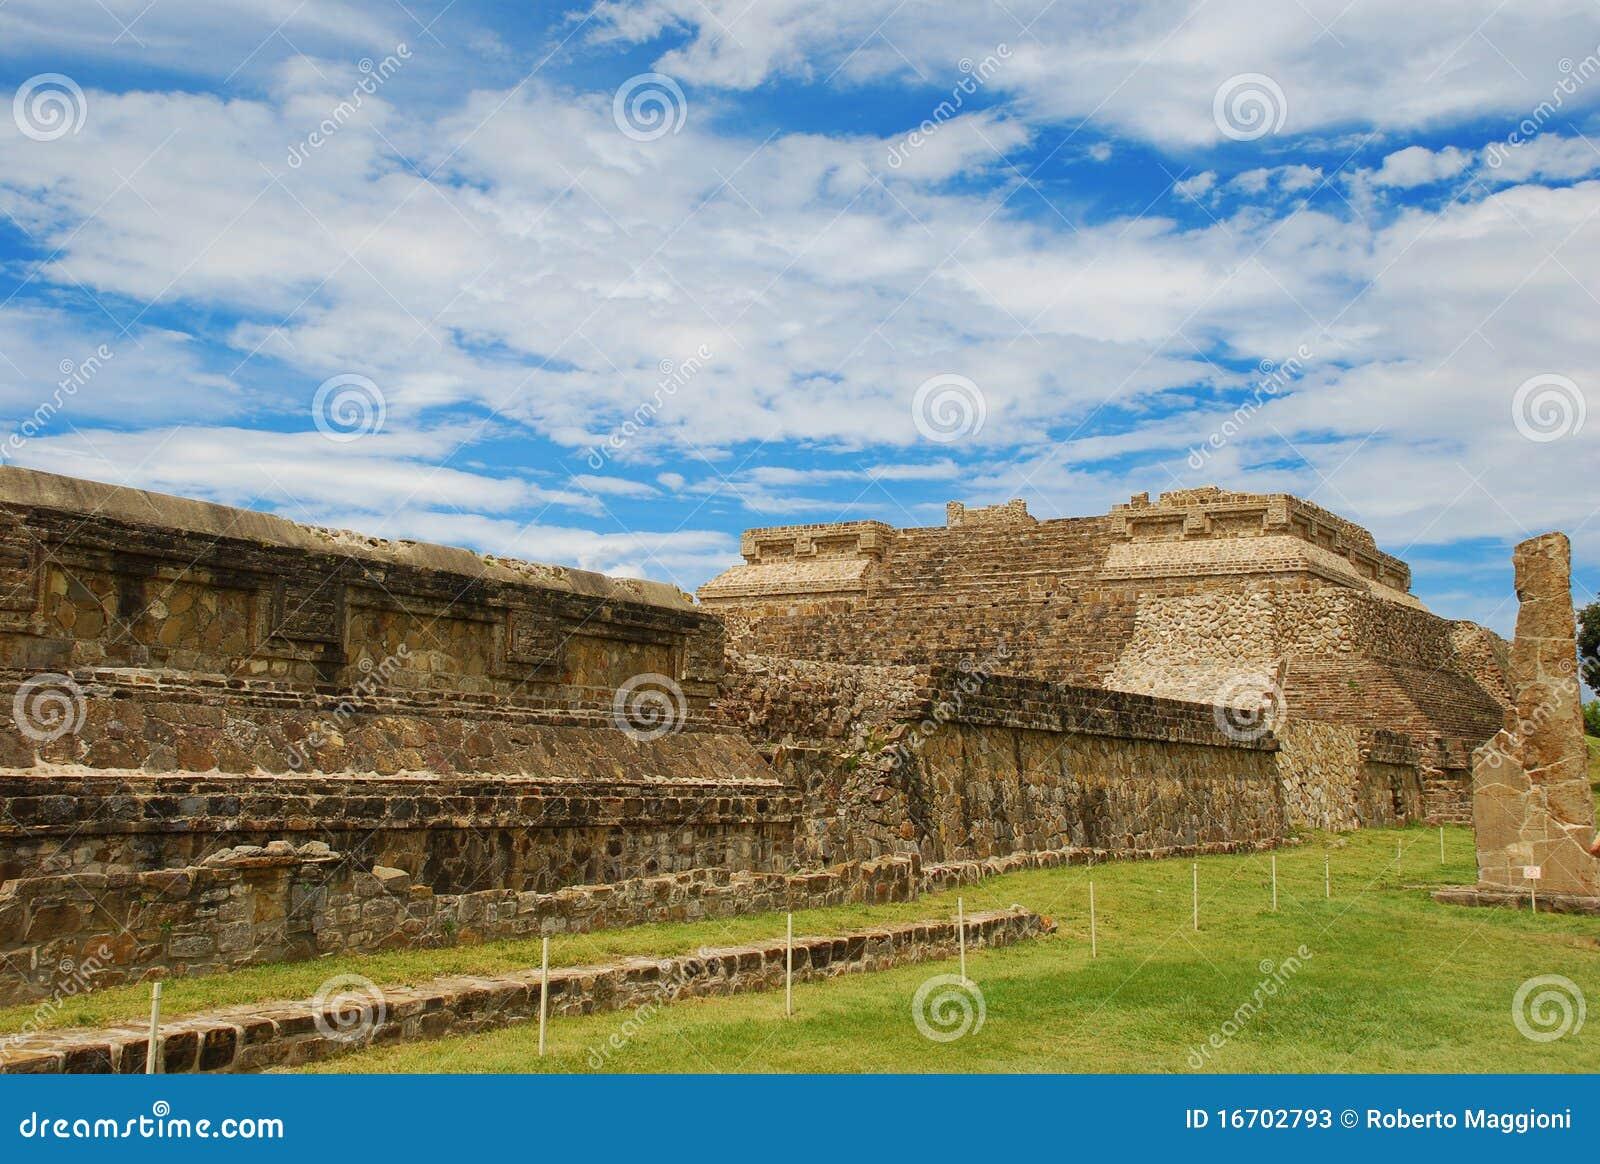 Ruines de Monte Alban, Oaxaca, Mexique